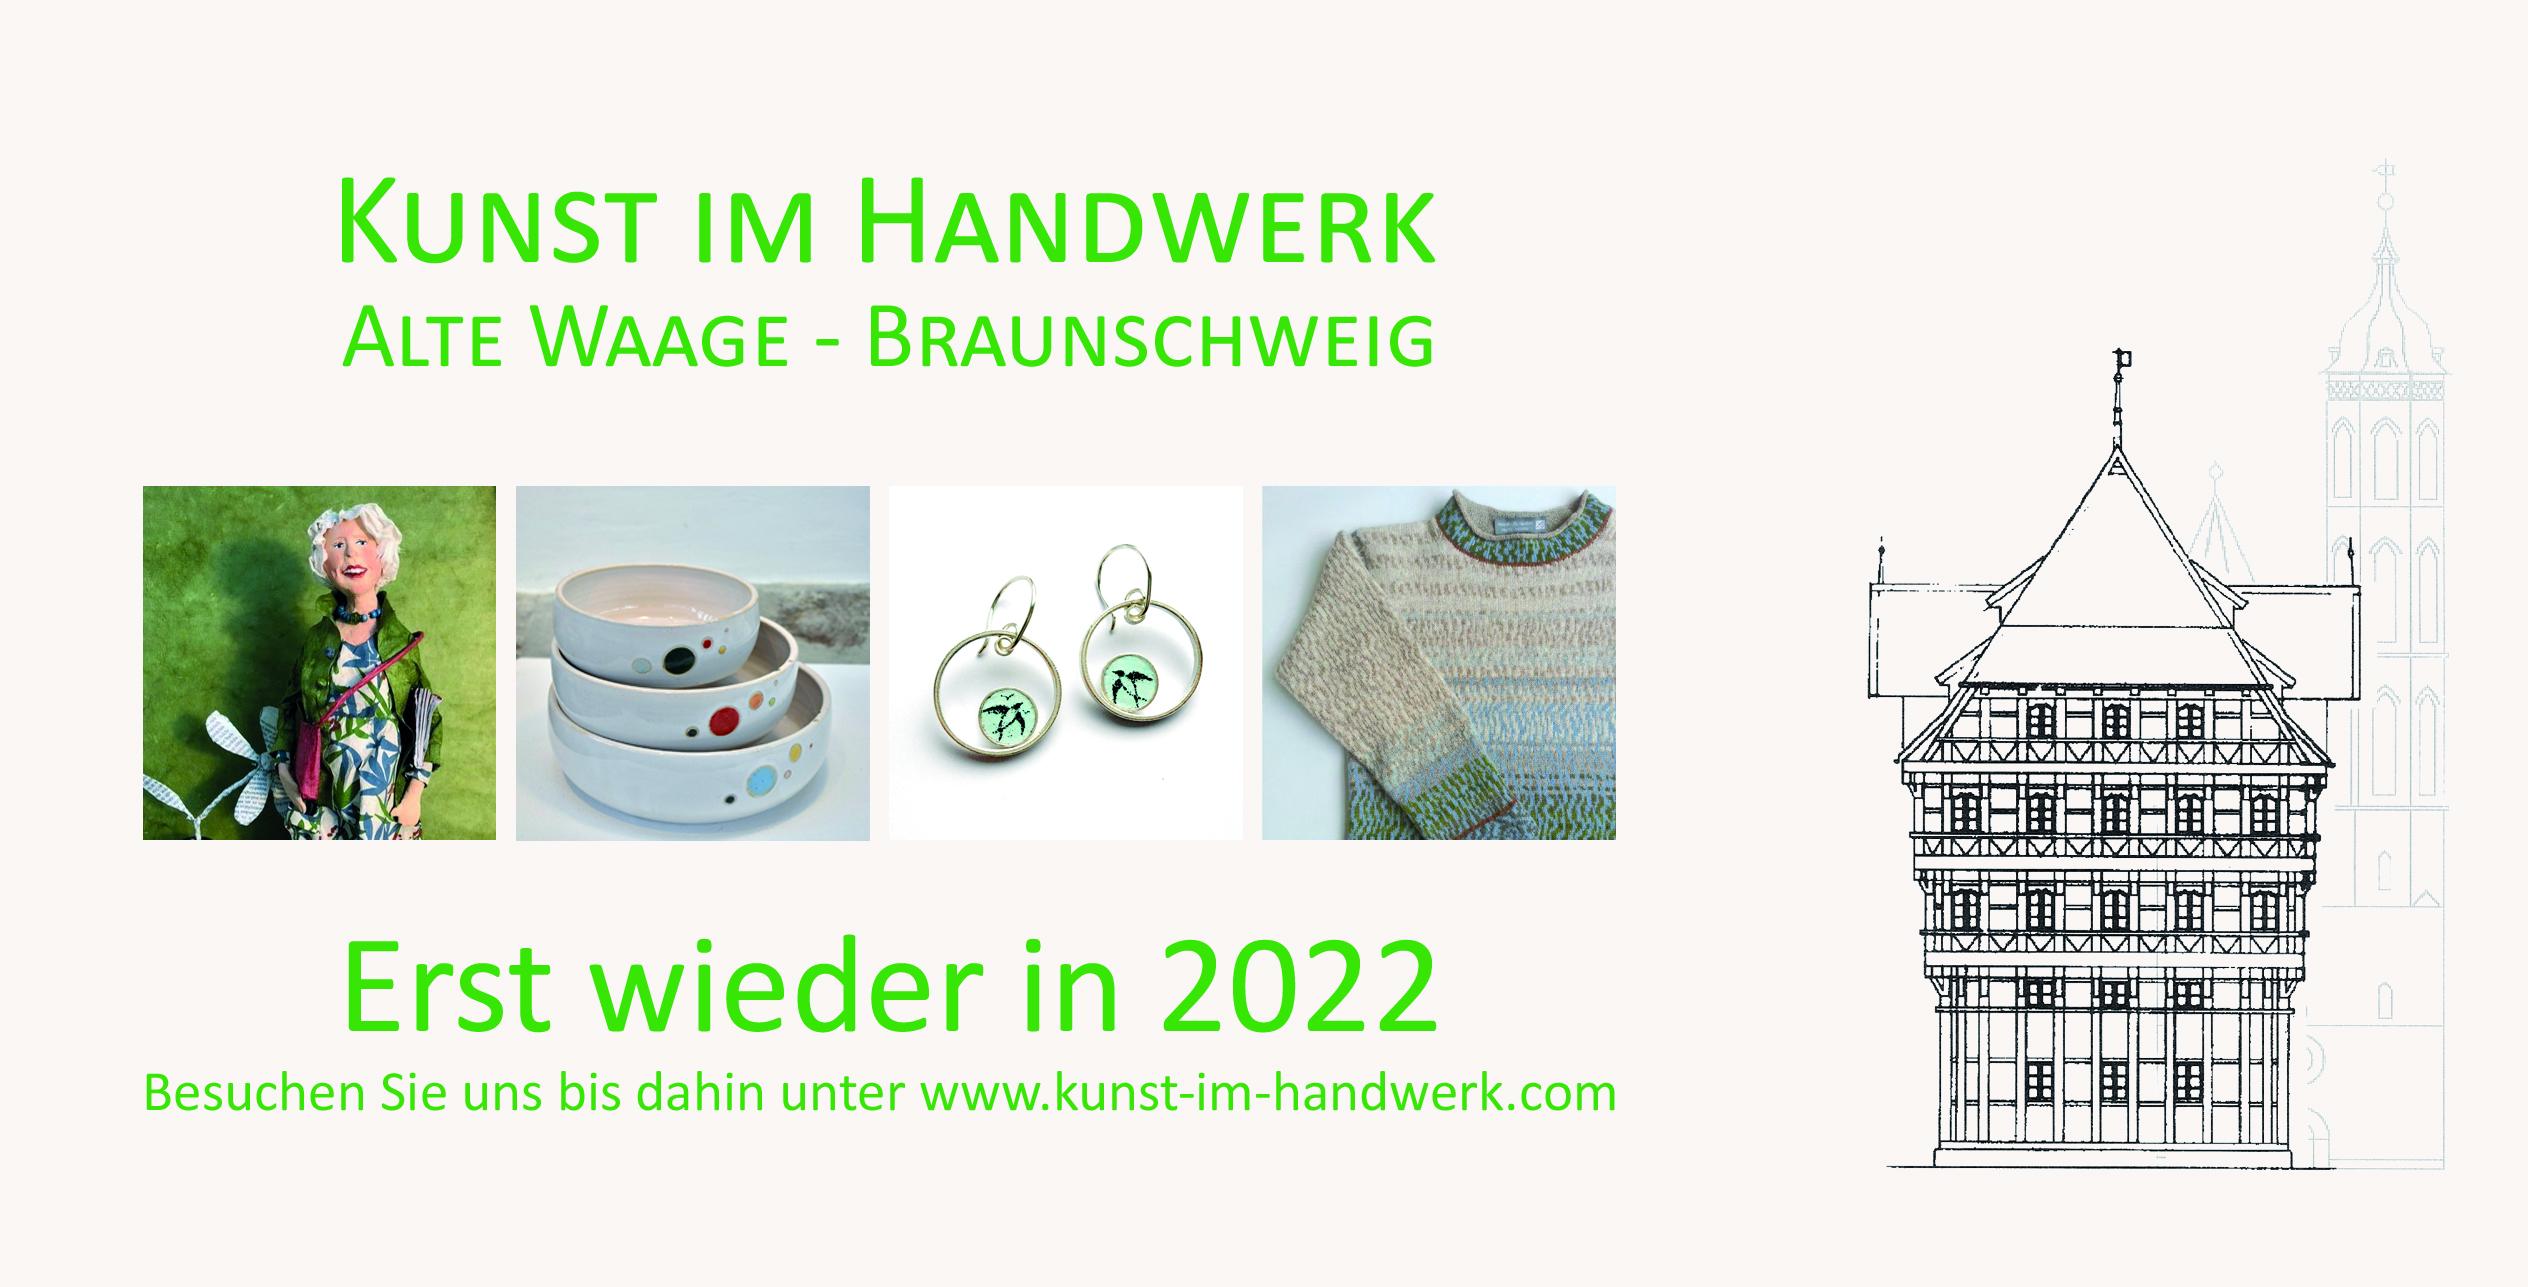 Kunst im Handwerk – Erst wieder 2022